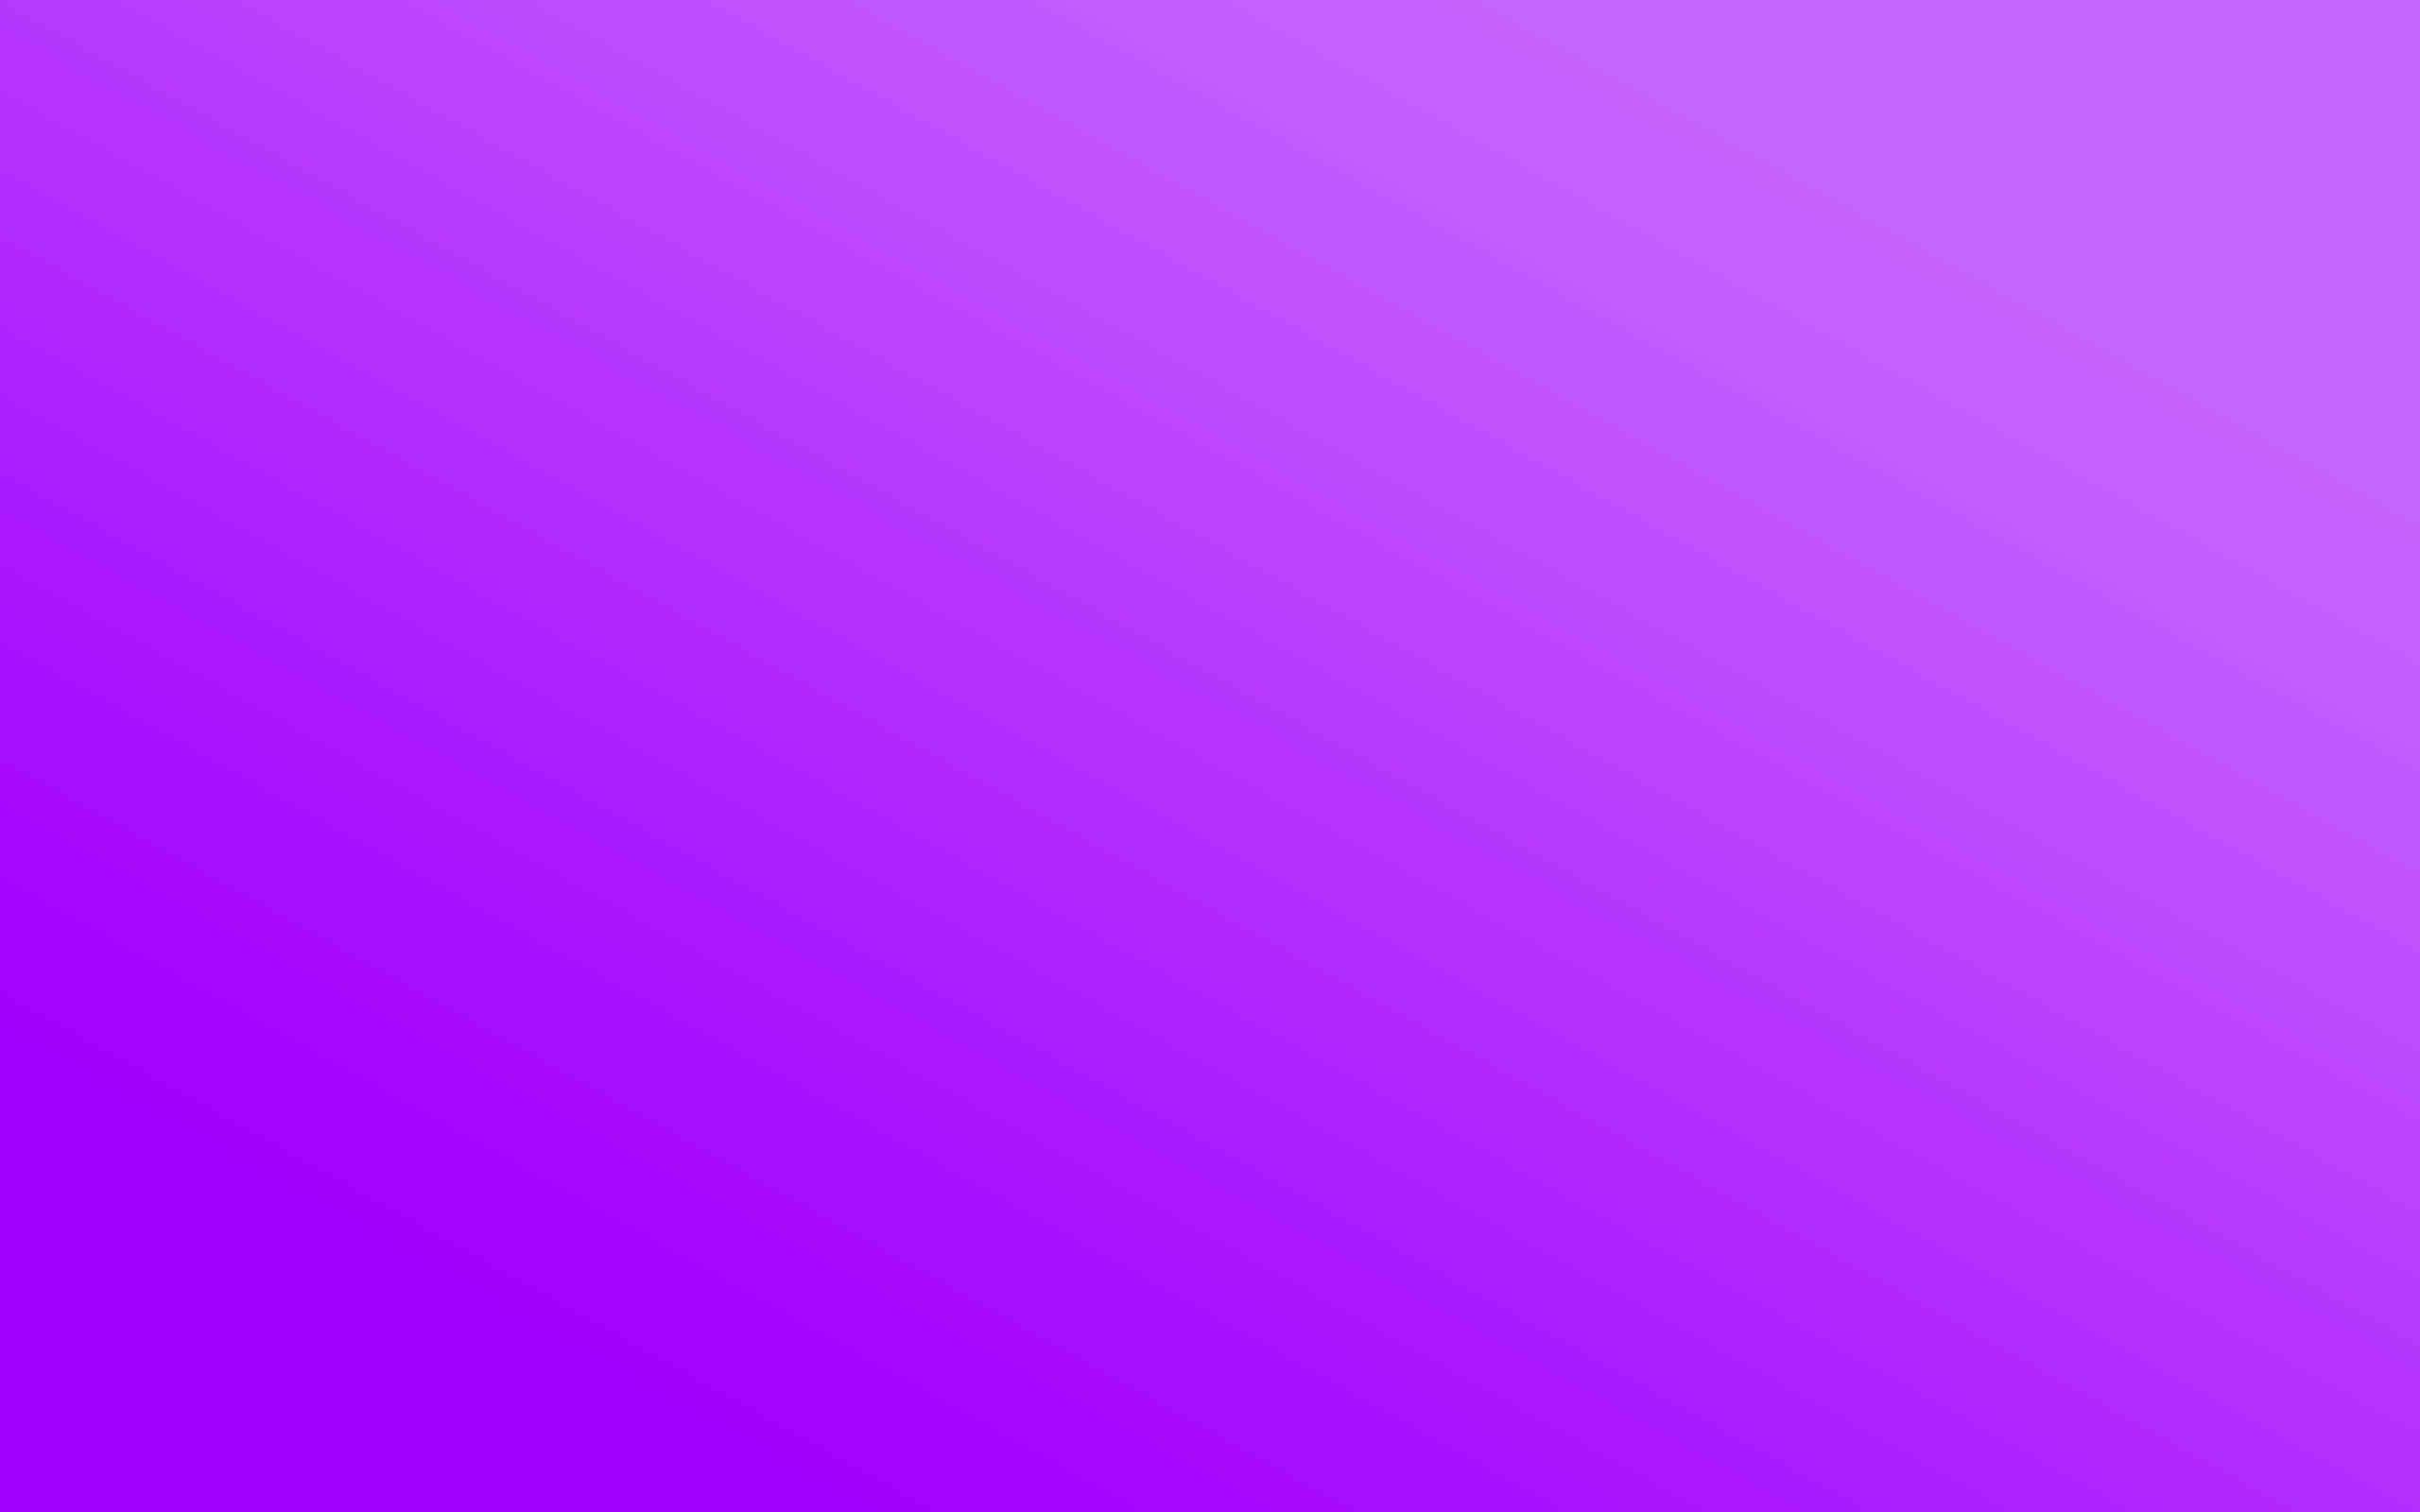 New Coloring Page: Background, Plain Colors, Plain Color .